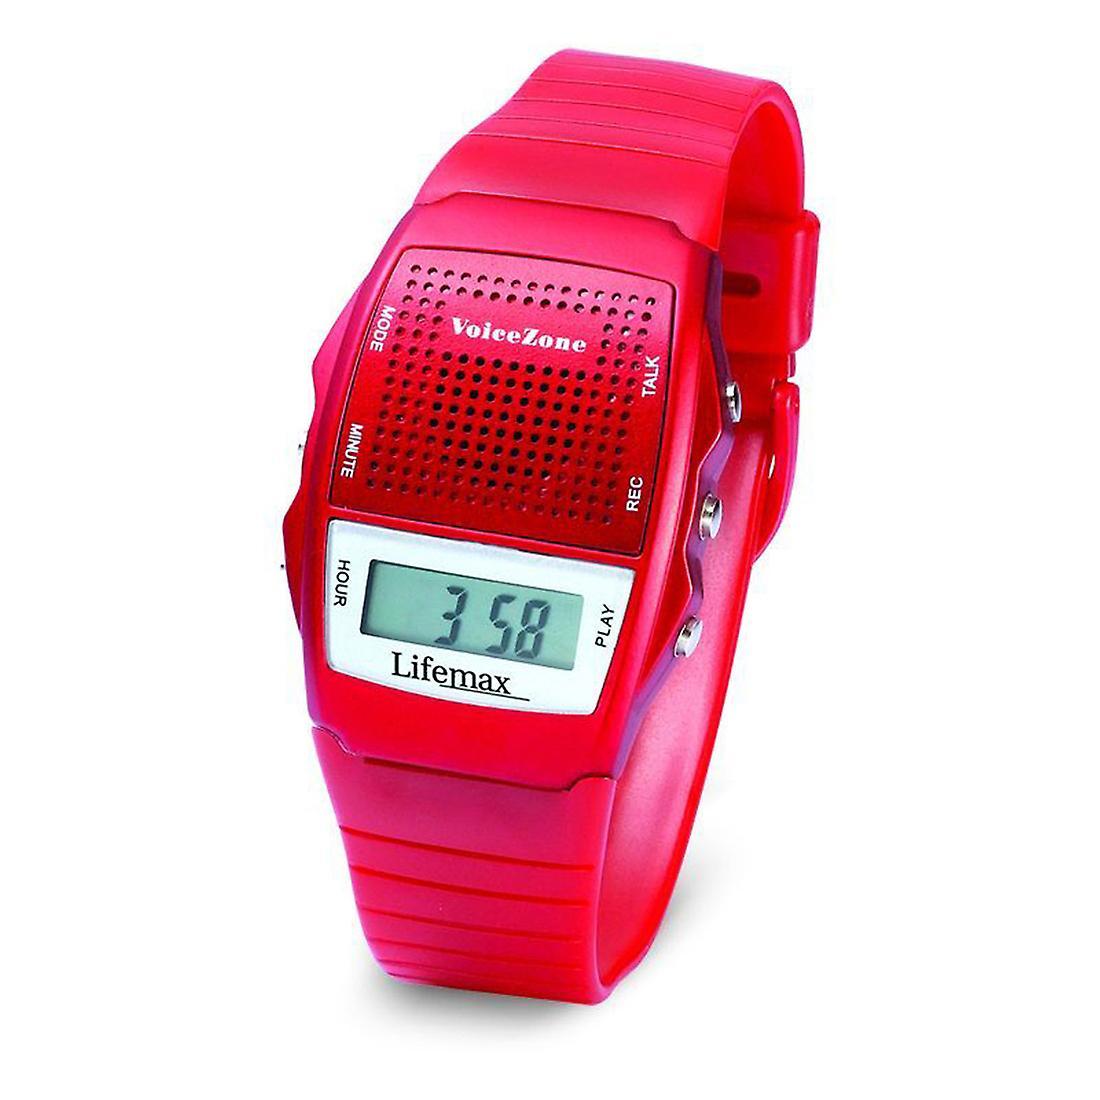 Talking Memo Watch - Metallic Red